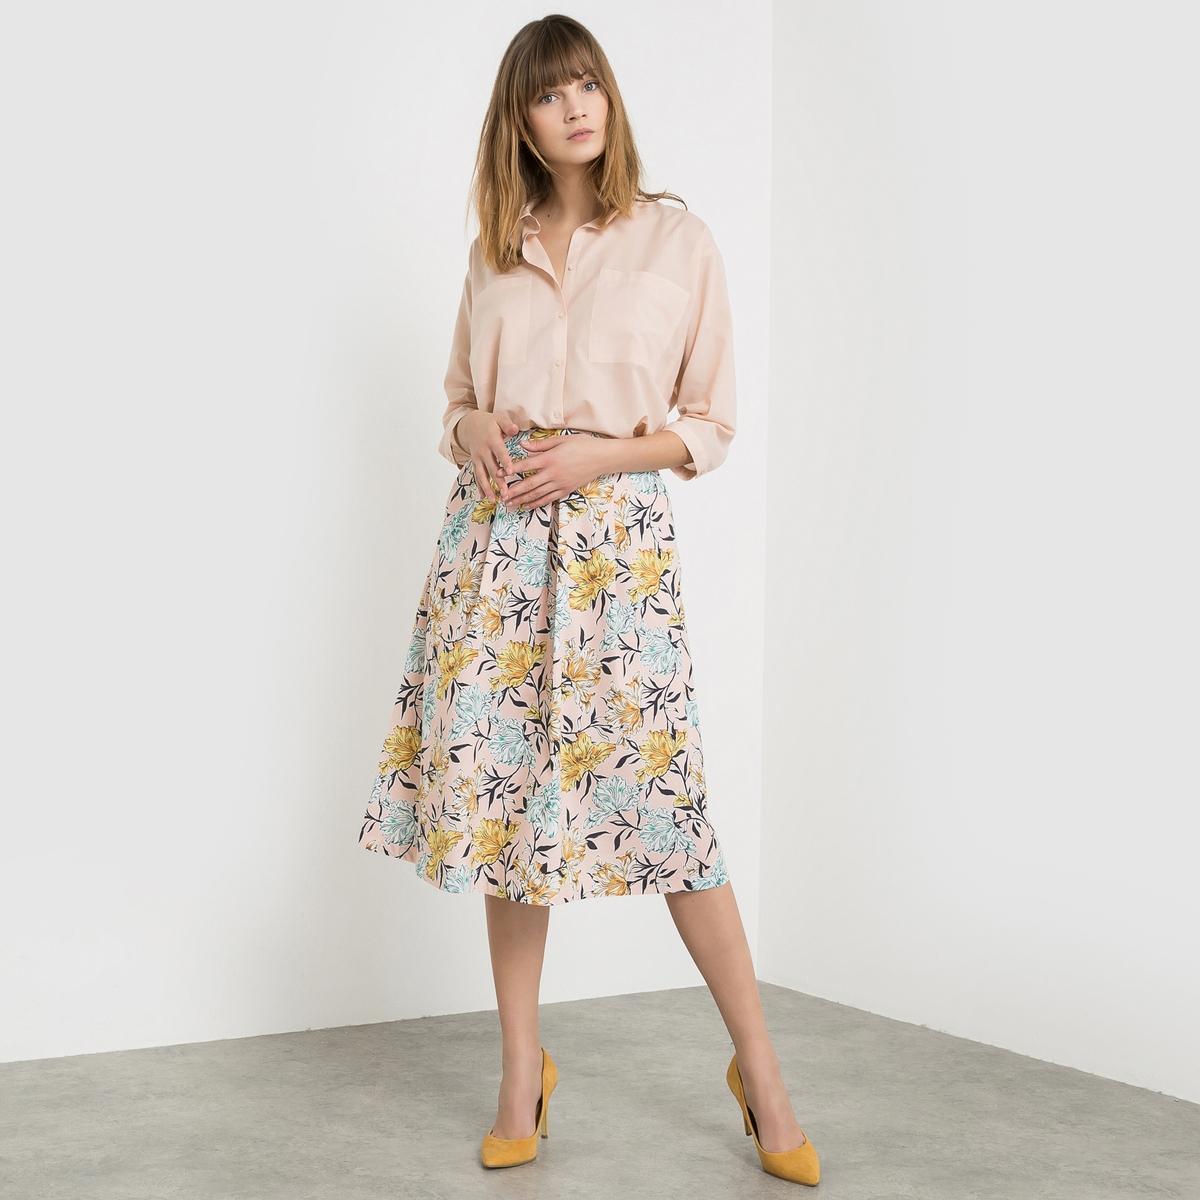 Юбка-миди с рисункомЮбка-миди с рисунком. Ультраженственная юбка с очень красивым цветочным рисунком на розовом фоне. Декоративные складки спереди. 2 косых кармана спереди. Слегка расширяющийся к низу покрой. Длина 72 см.                                                                                                  Состав и описание :                                                    Материал : 69% хлопка, 28% полиамида, 3% эластана.                                                                                                                                                                                          Уход :                                                  Машинная стирка : при 30 °C в деликатном режиме                                                                                    Машинная сушка: машинная сушка запрещена                                                                                      Глажка : Гладить при низкой температуре с изнаночной стороны<br><br>Цвет: набивной рисунок<br>Размер: 34 (FR) - 40 (RUS)